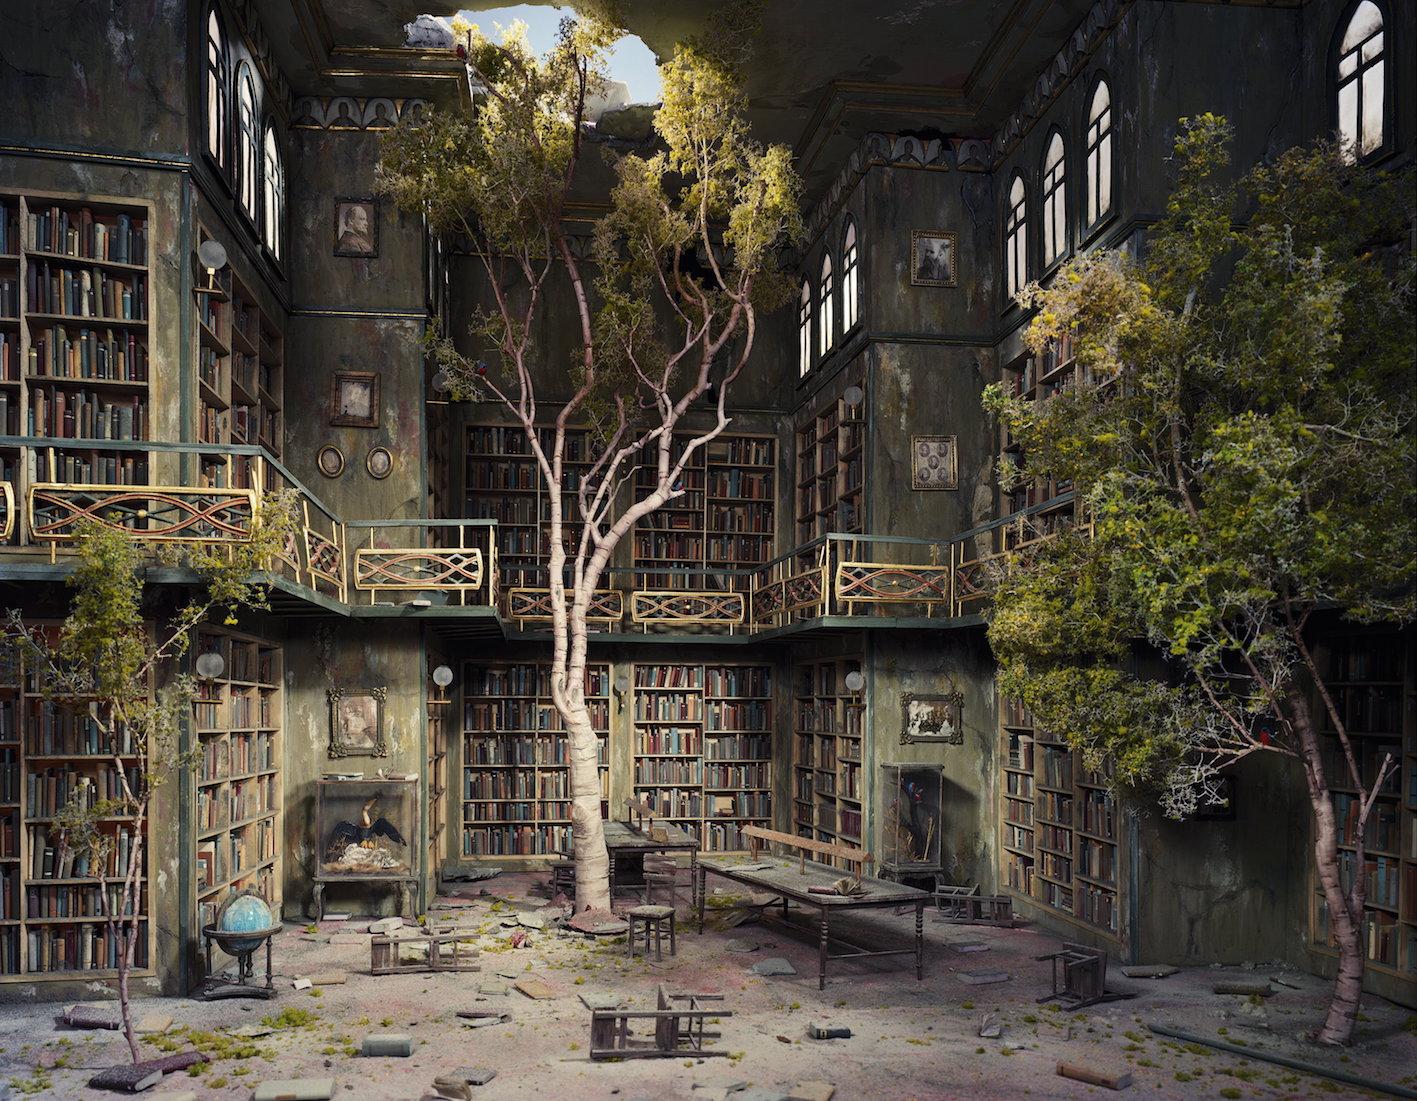 © Lori Nix, Library, 2007.